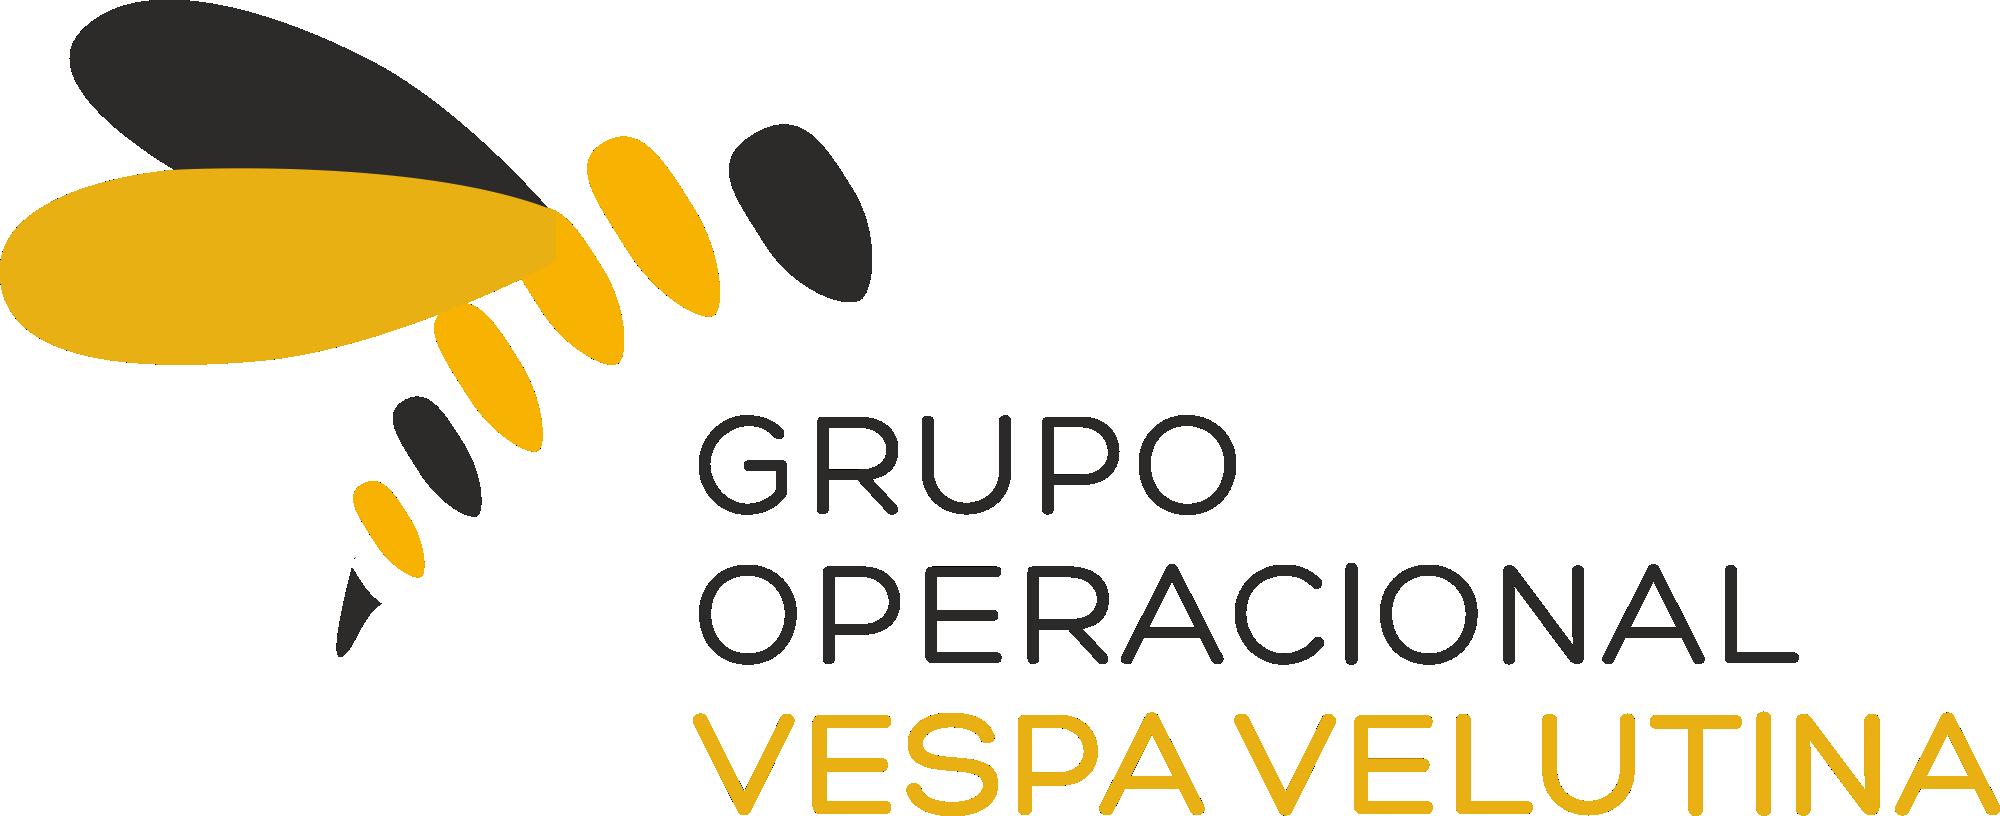 Grupo Operacional Vespa Velutina